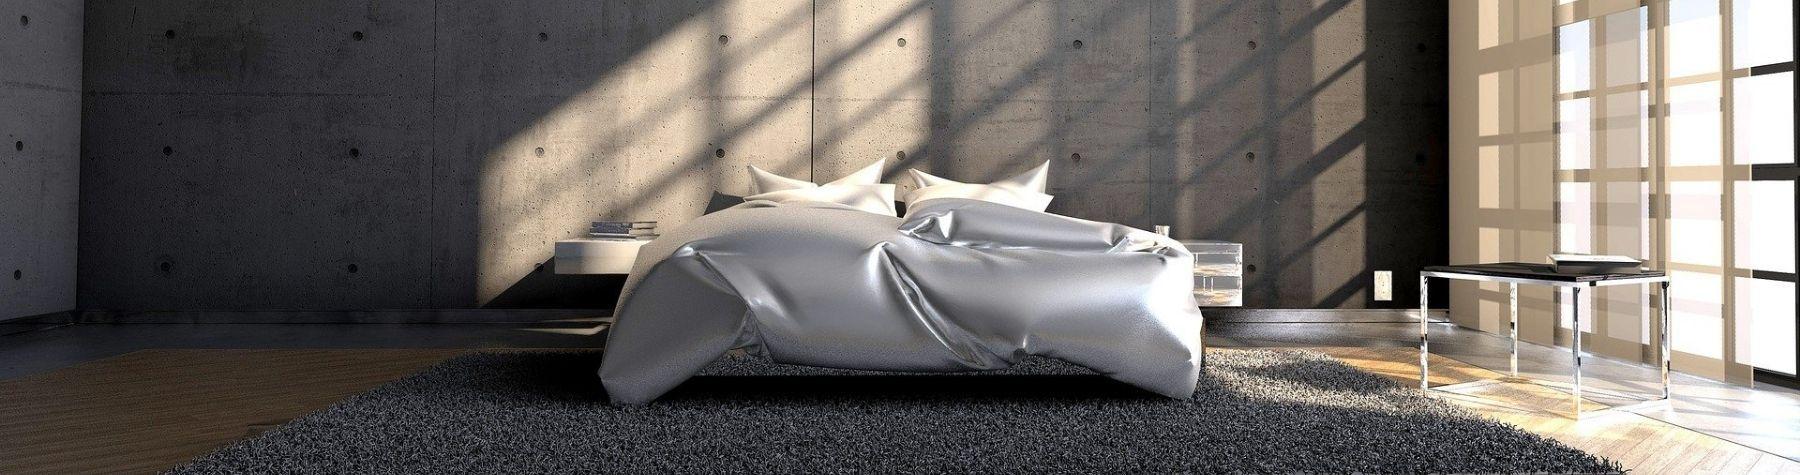 Zonwering slaapkamer: voor een goede nachtrust